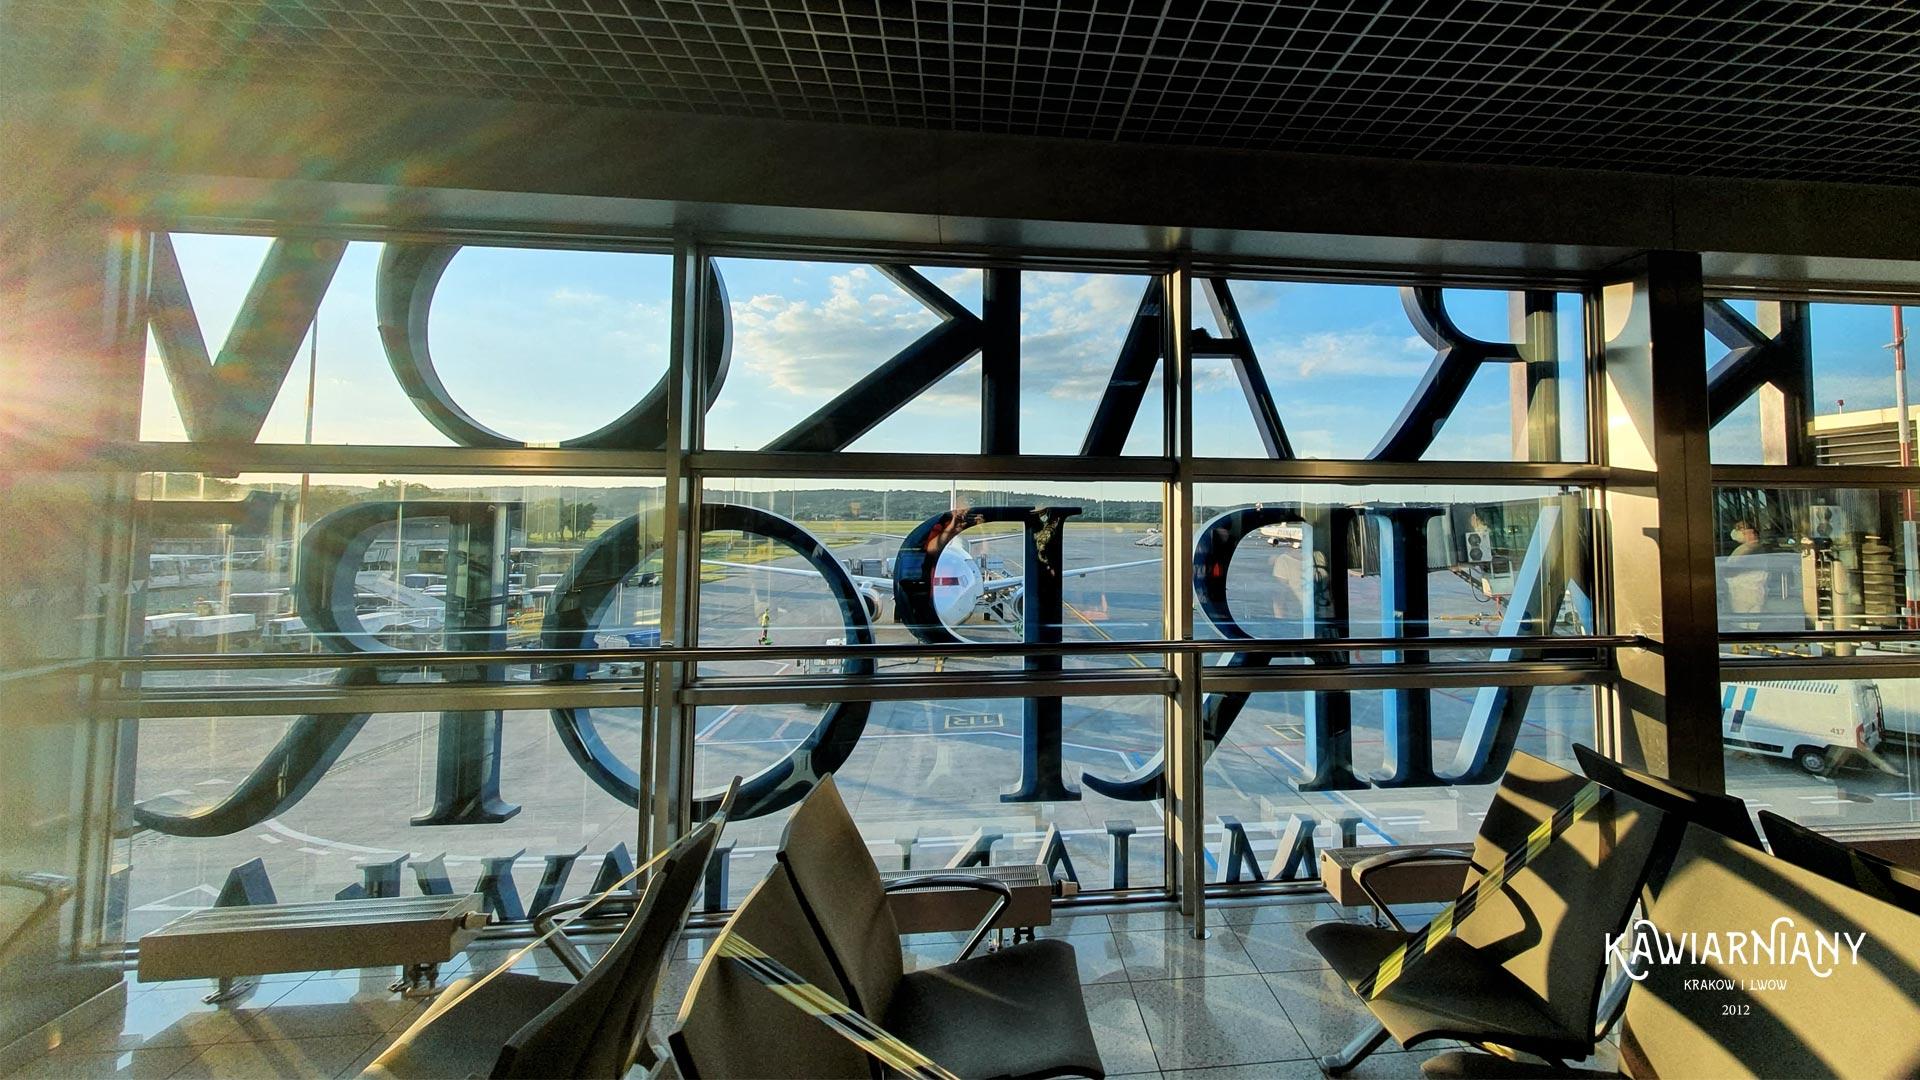 Jak dojechać z lotniska w Krakowie? Balice 4 proste sposoby dojazdu